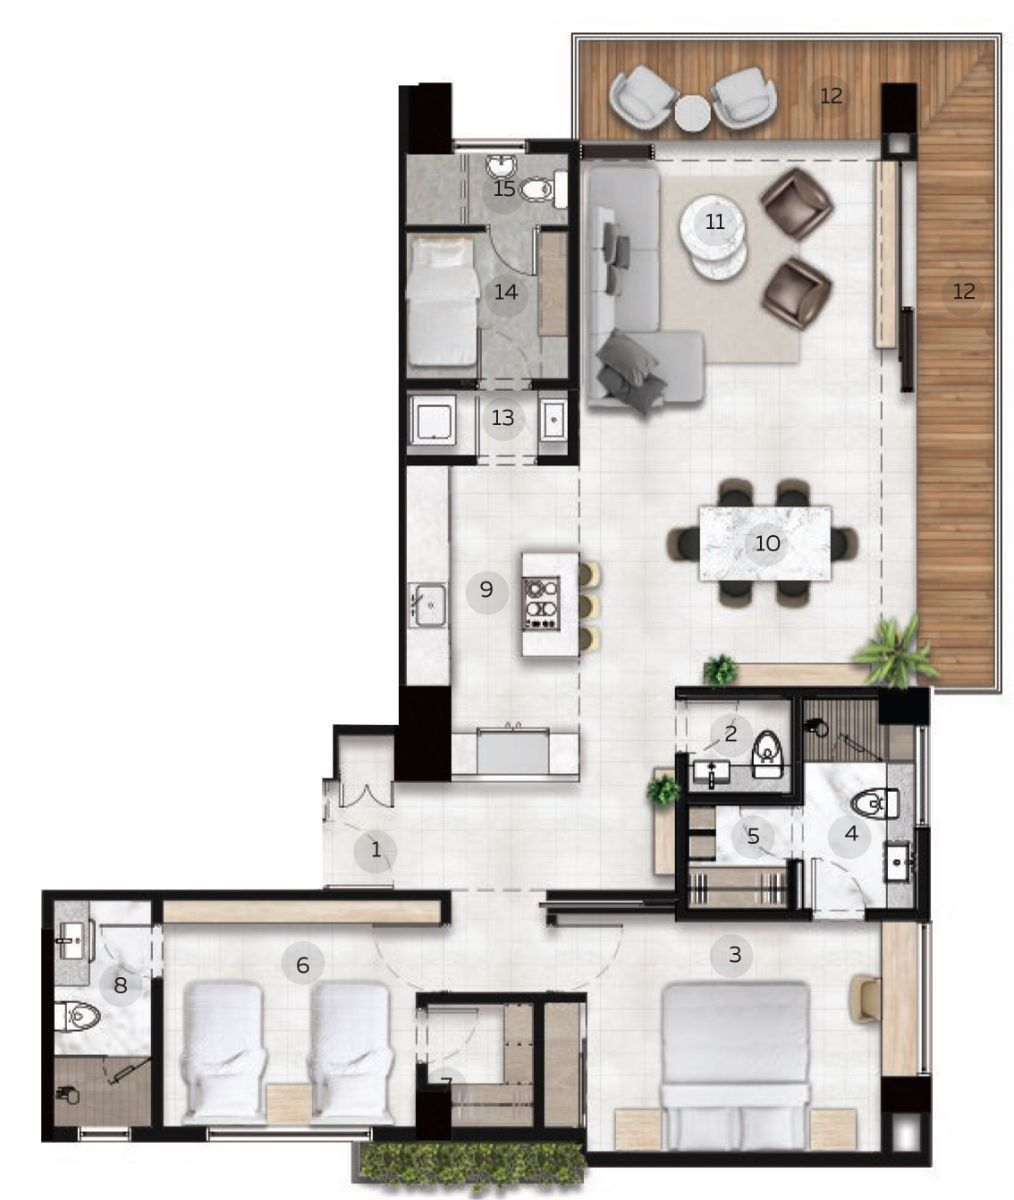 33 de 33: APARTAMENTO TIPO 5 Esc. 1:75 - 141 m2 + 12 m2 Terraza